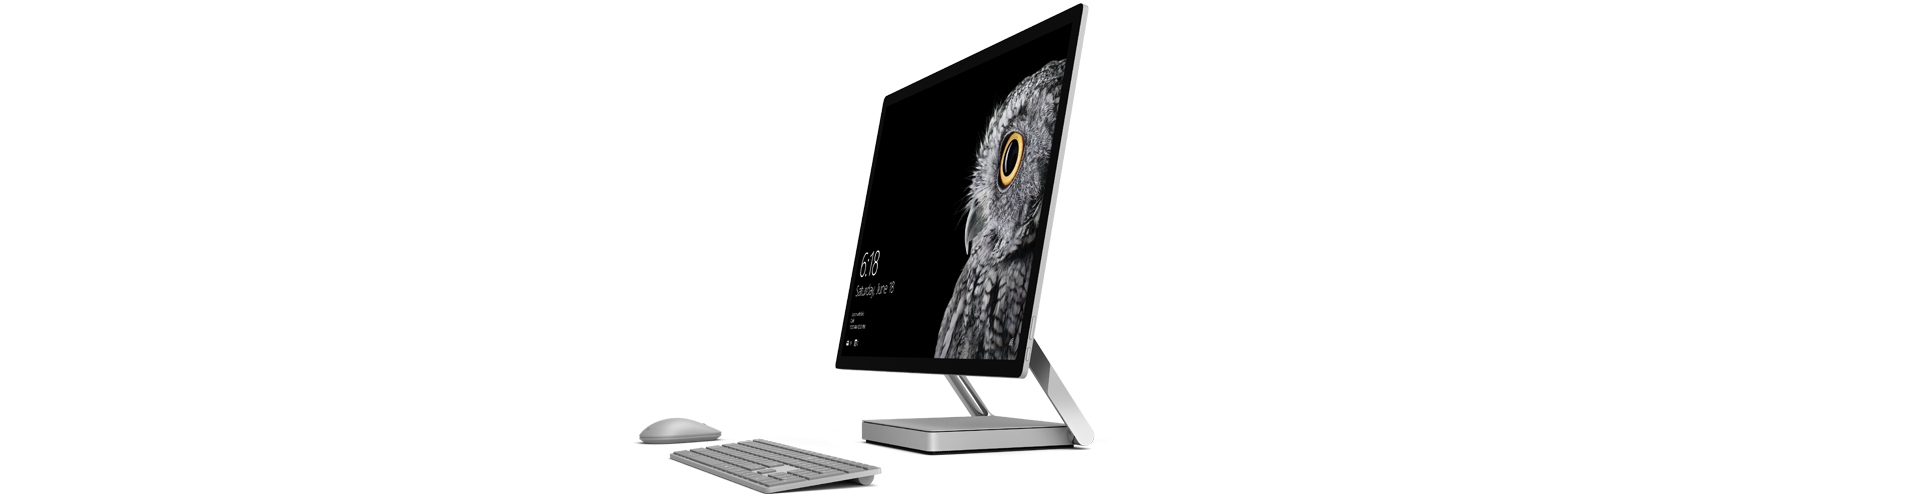 SurfaceStudio en position verticale avec la souris et le clavierSurface.